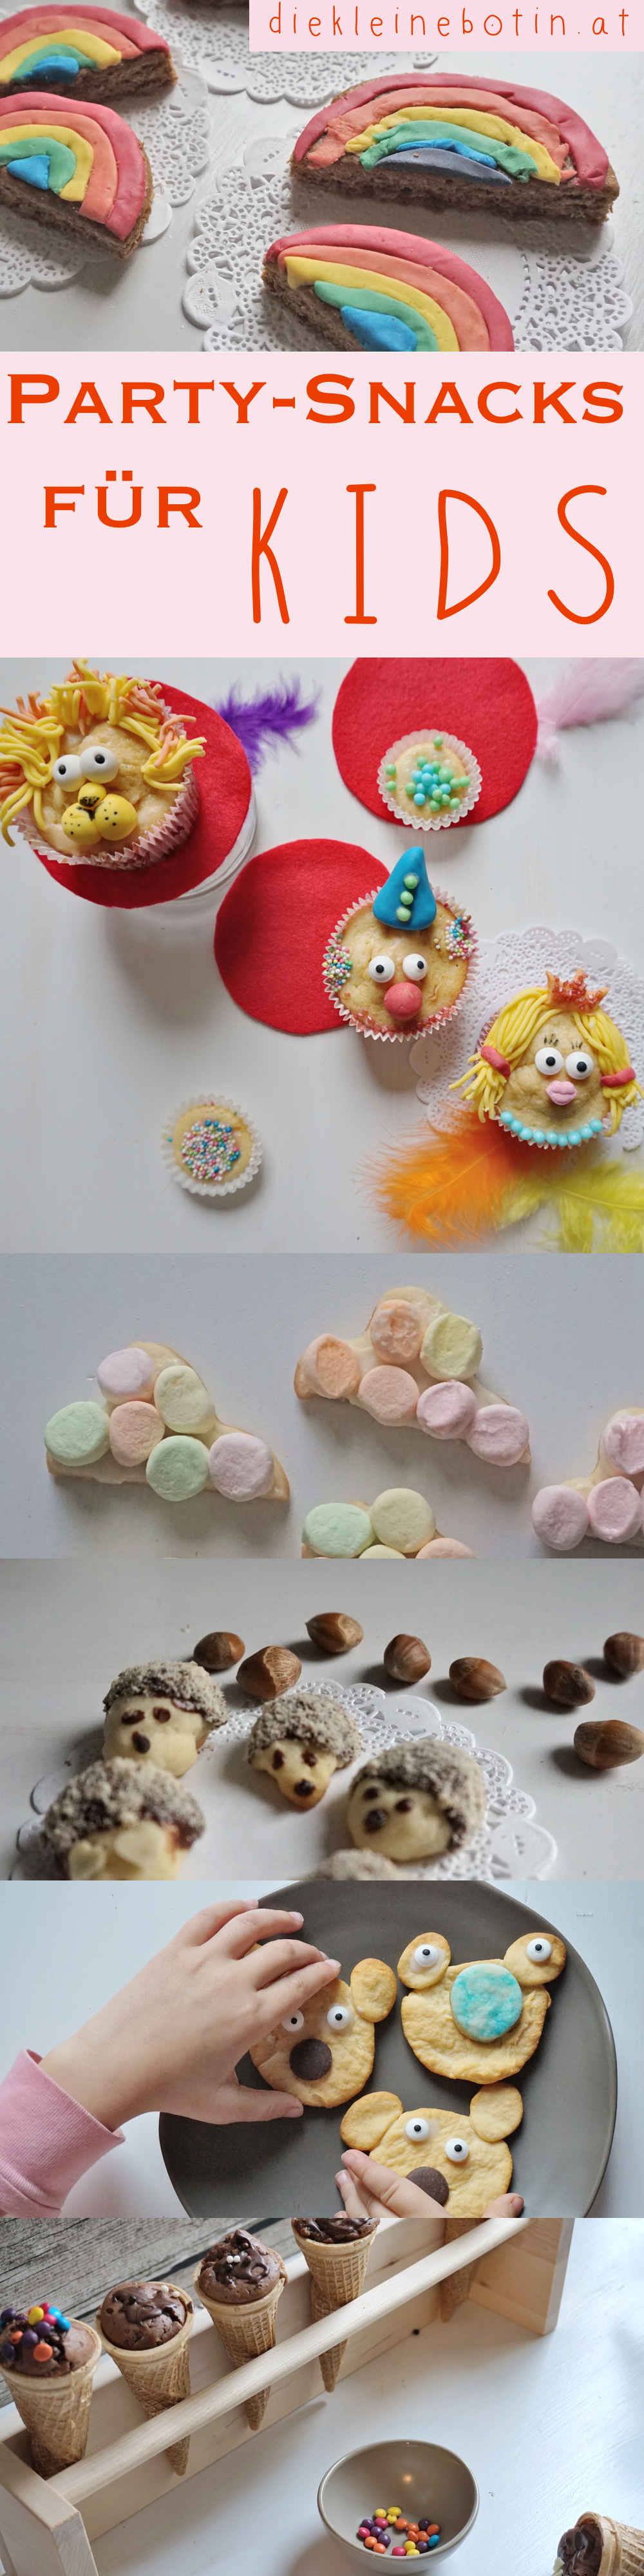 Bunte Snacks Und Kuchen, Muffins, Kekse Und Einfache Ideen Für Kinder Und  Geburtstags